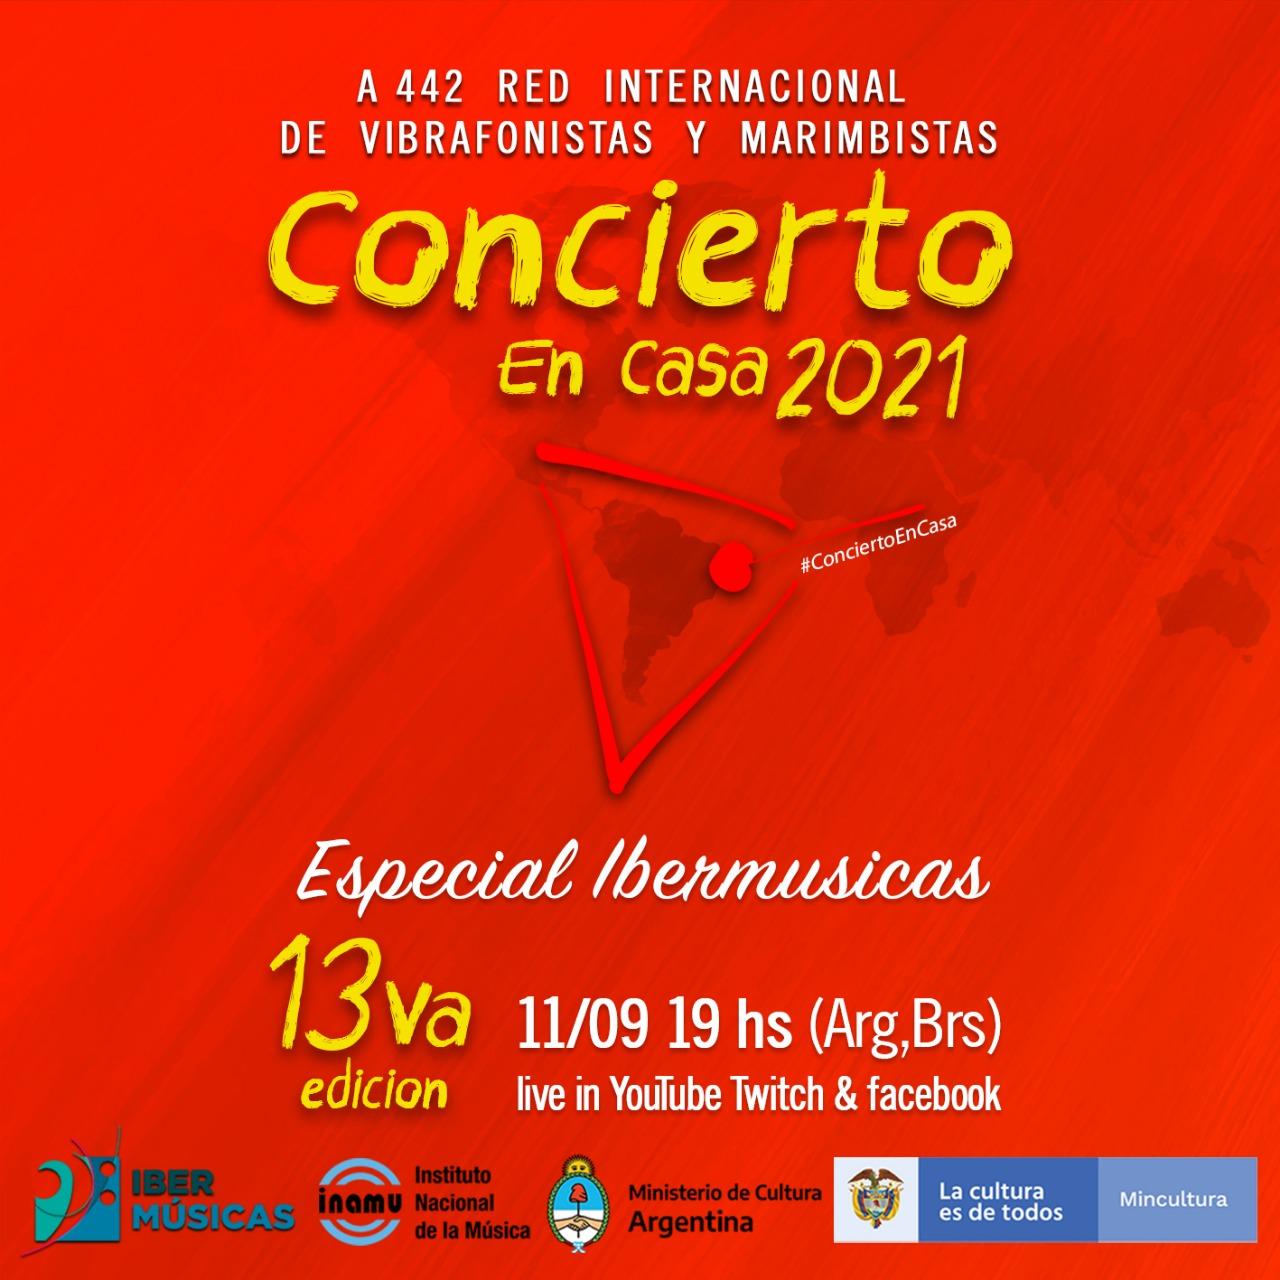 A442, Rede Internacional de Marimbistas e Vibrafonistas realizará durante o mês de setembro duas novas emissões de seus concertos